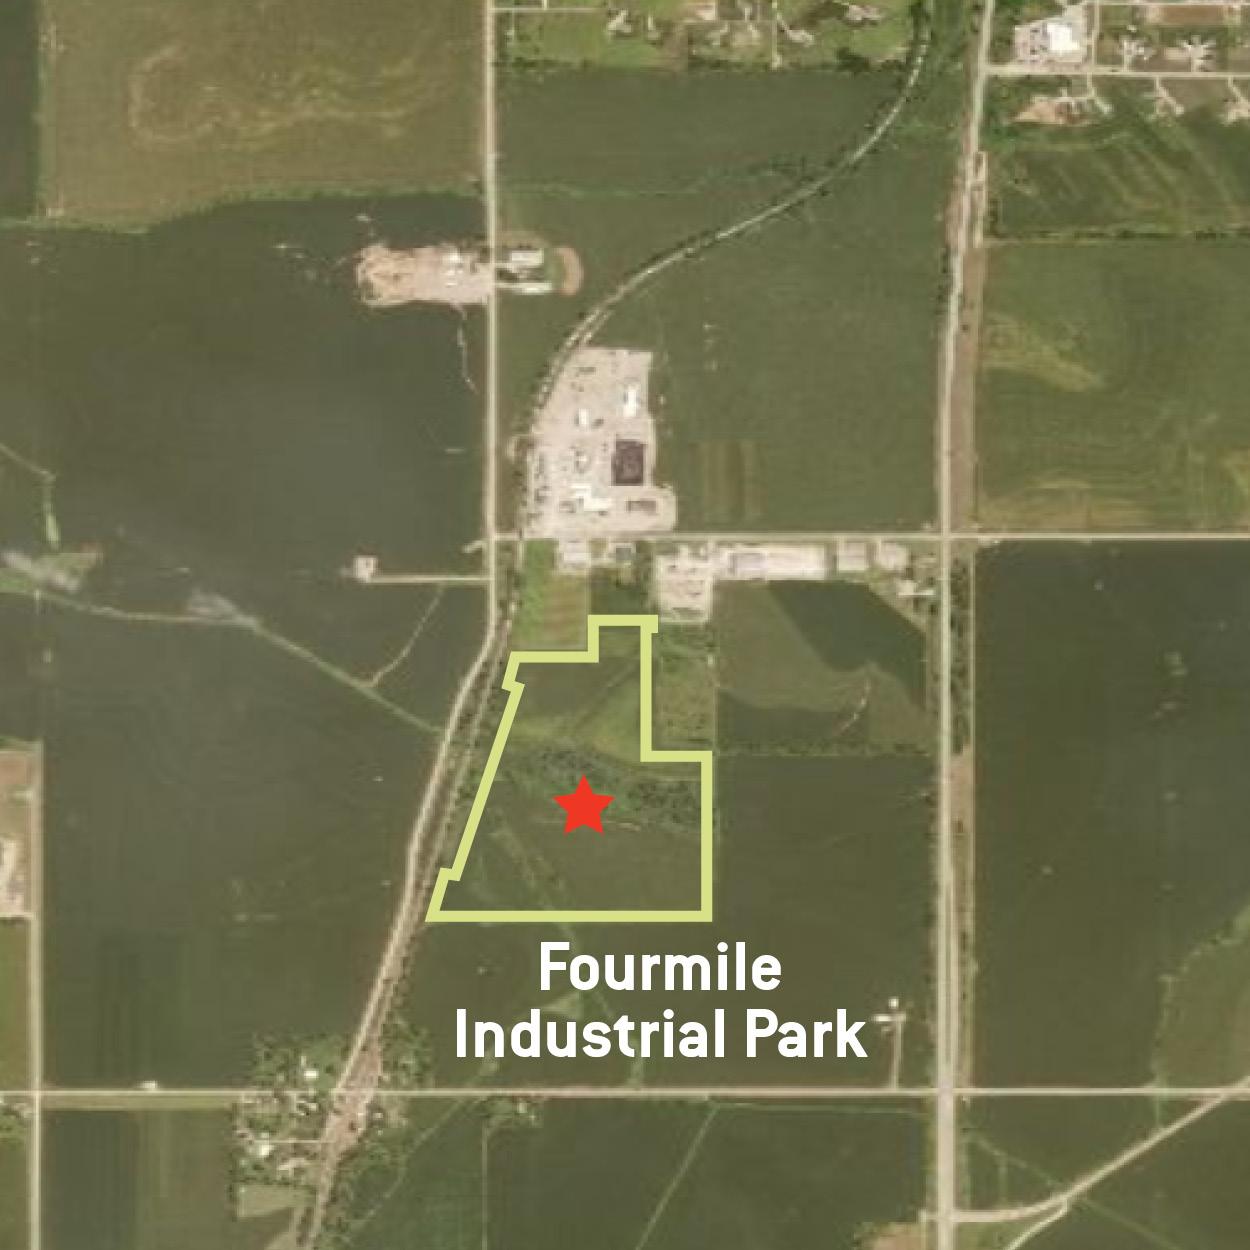 Four Mile Industrial Park